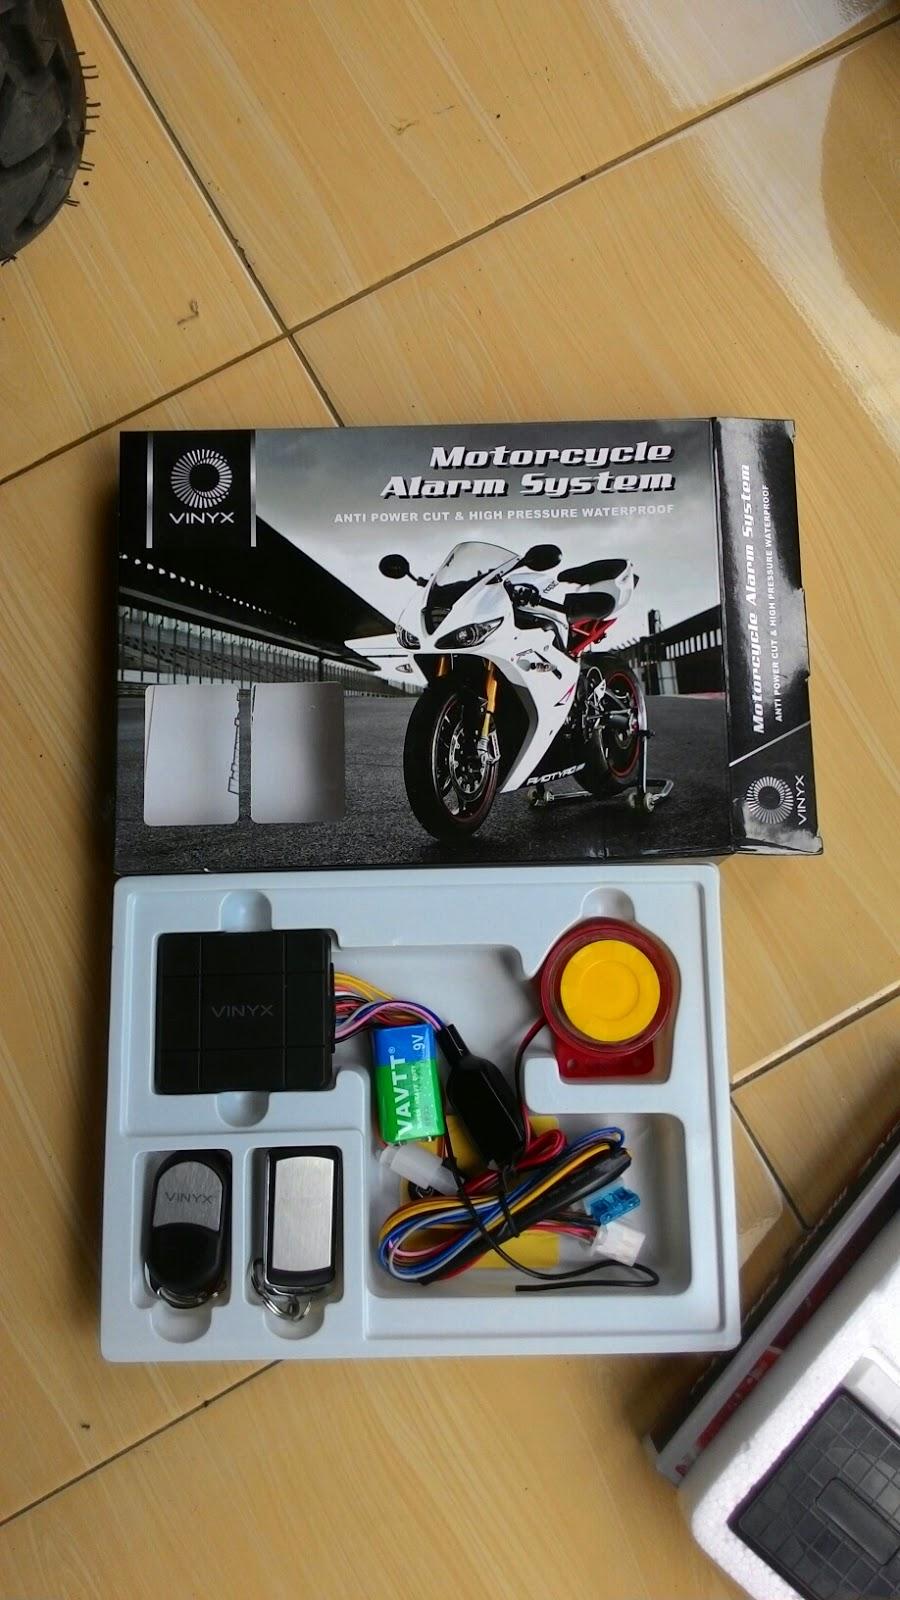 Alarm Motor Vinyx Daftar Harga Terbaru Dan Terlengkap Indonesia X Case Remote Lengkap Panduan Pemasangan Berbahasa Merek